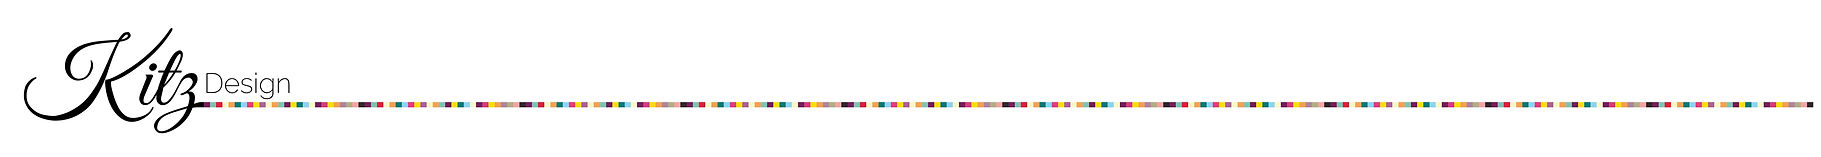 kitx logo &line.jpg